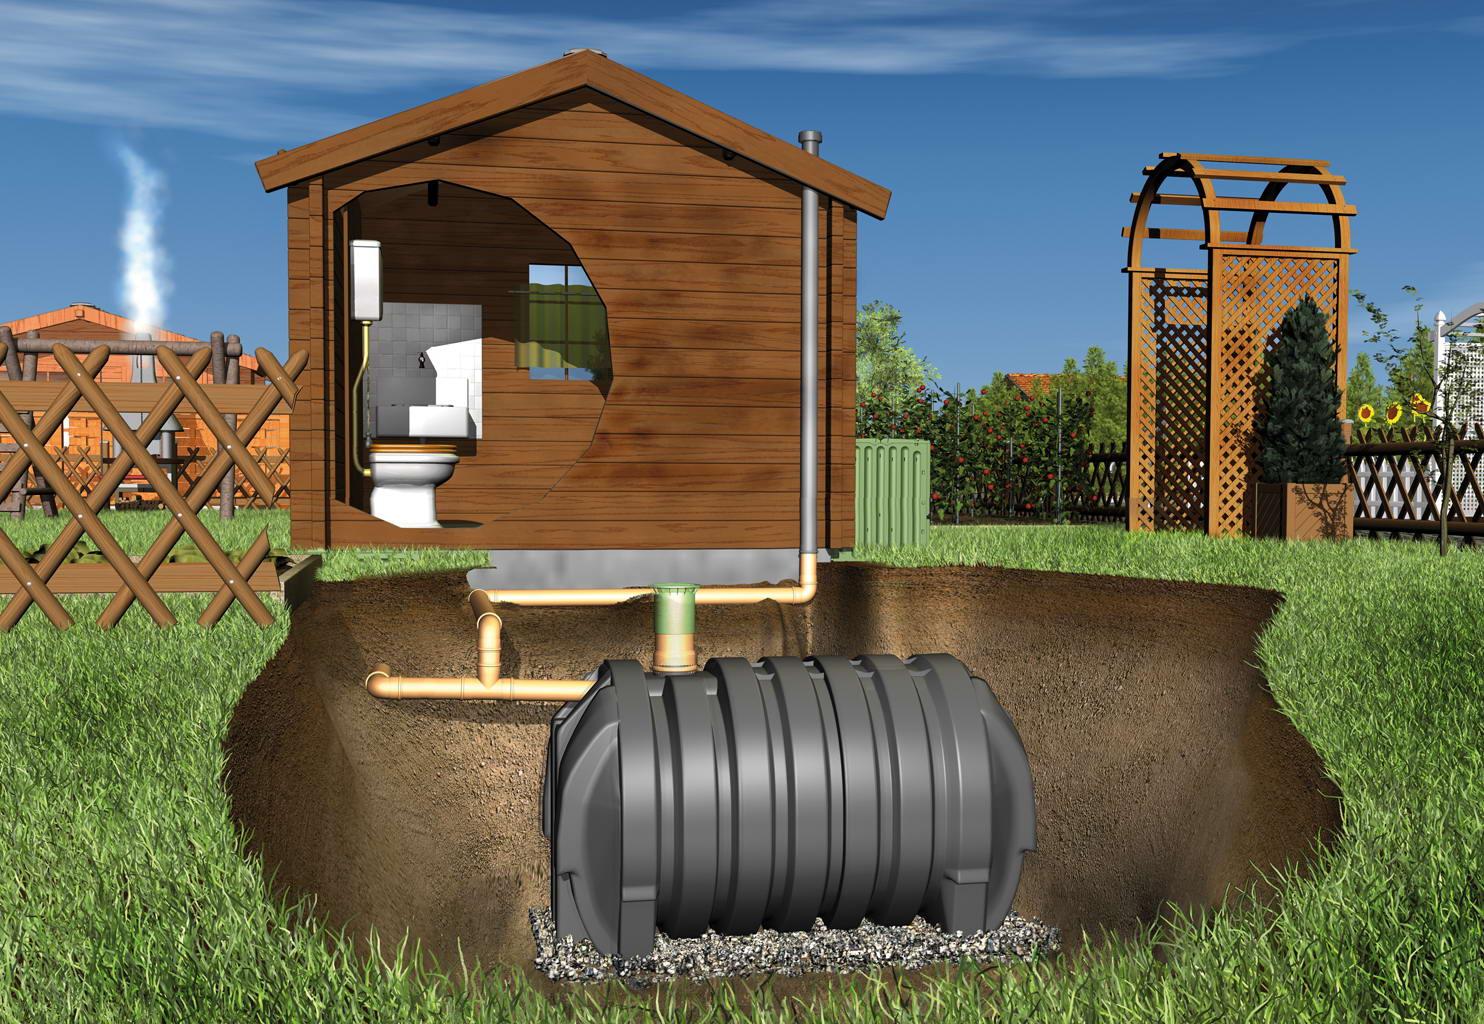 Как сделать выгребную яму для туалета на улице8